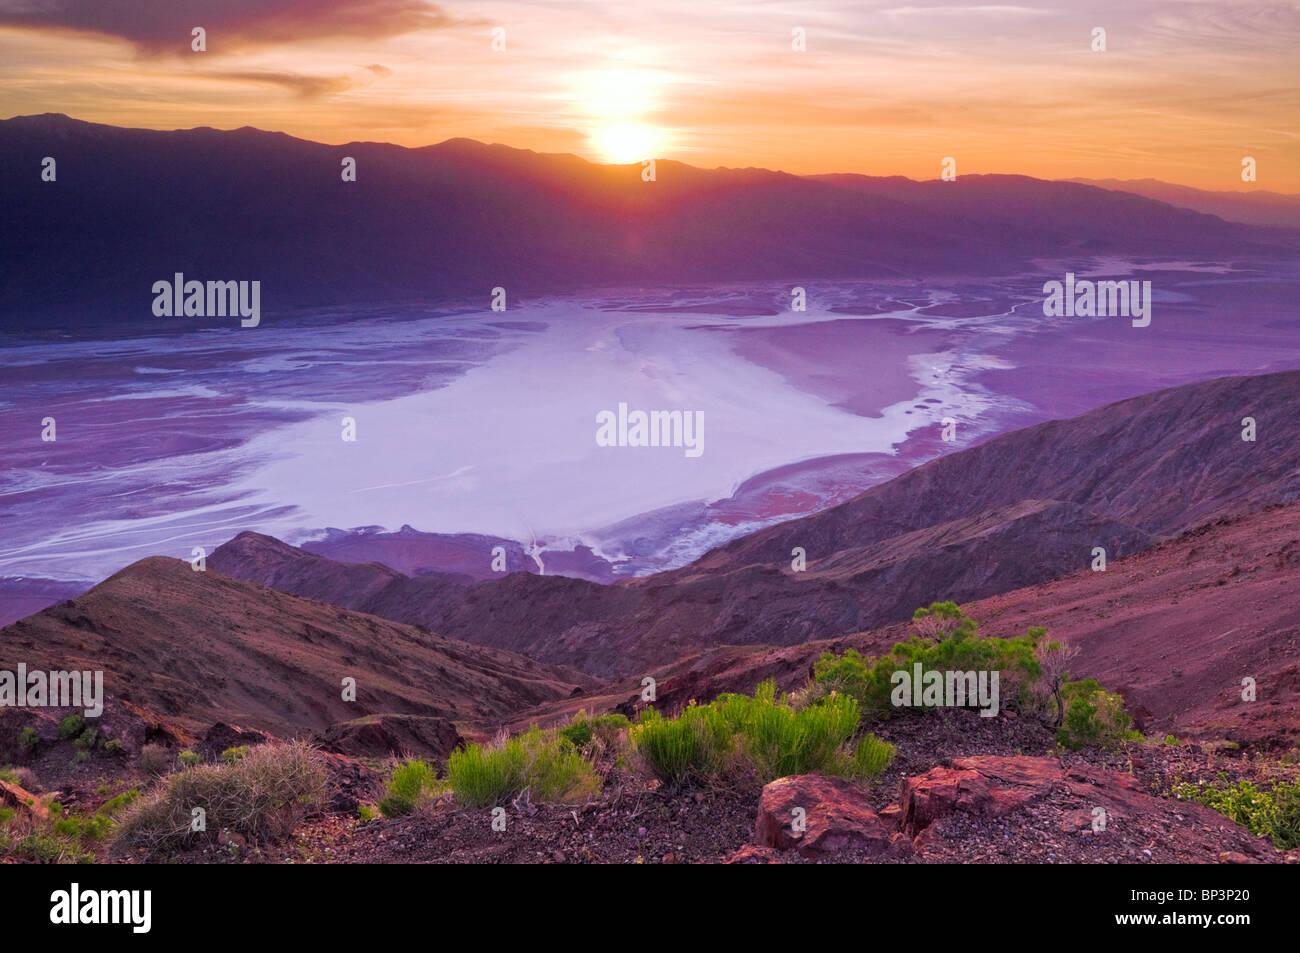 Pôr-do-sol sobre a morte vale a partir da opinião de Dante, o Parque Nacional do Vale da Morte. Califórnia Imagens de Stock